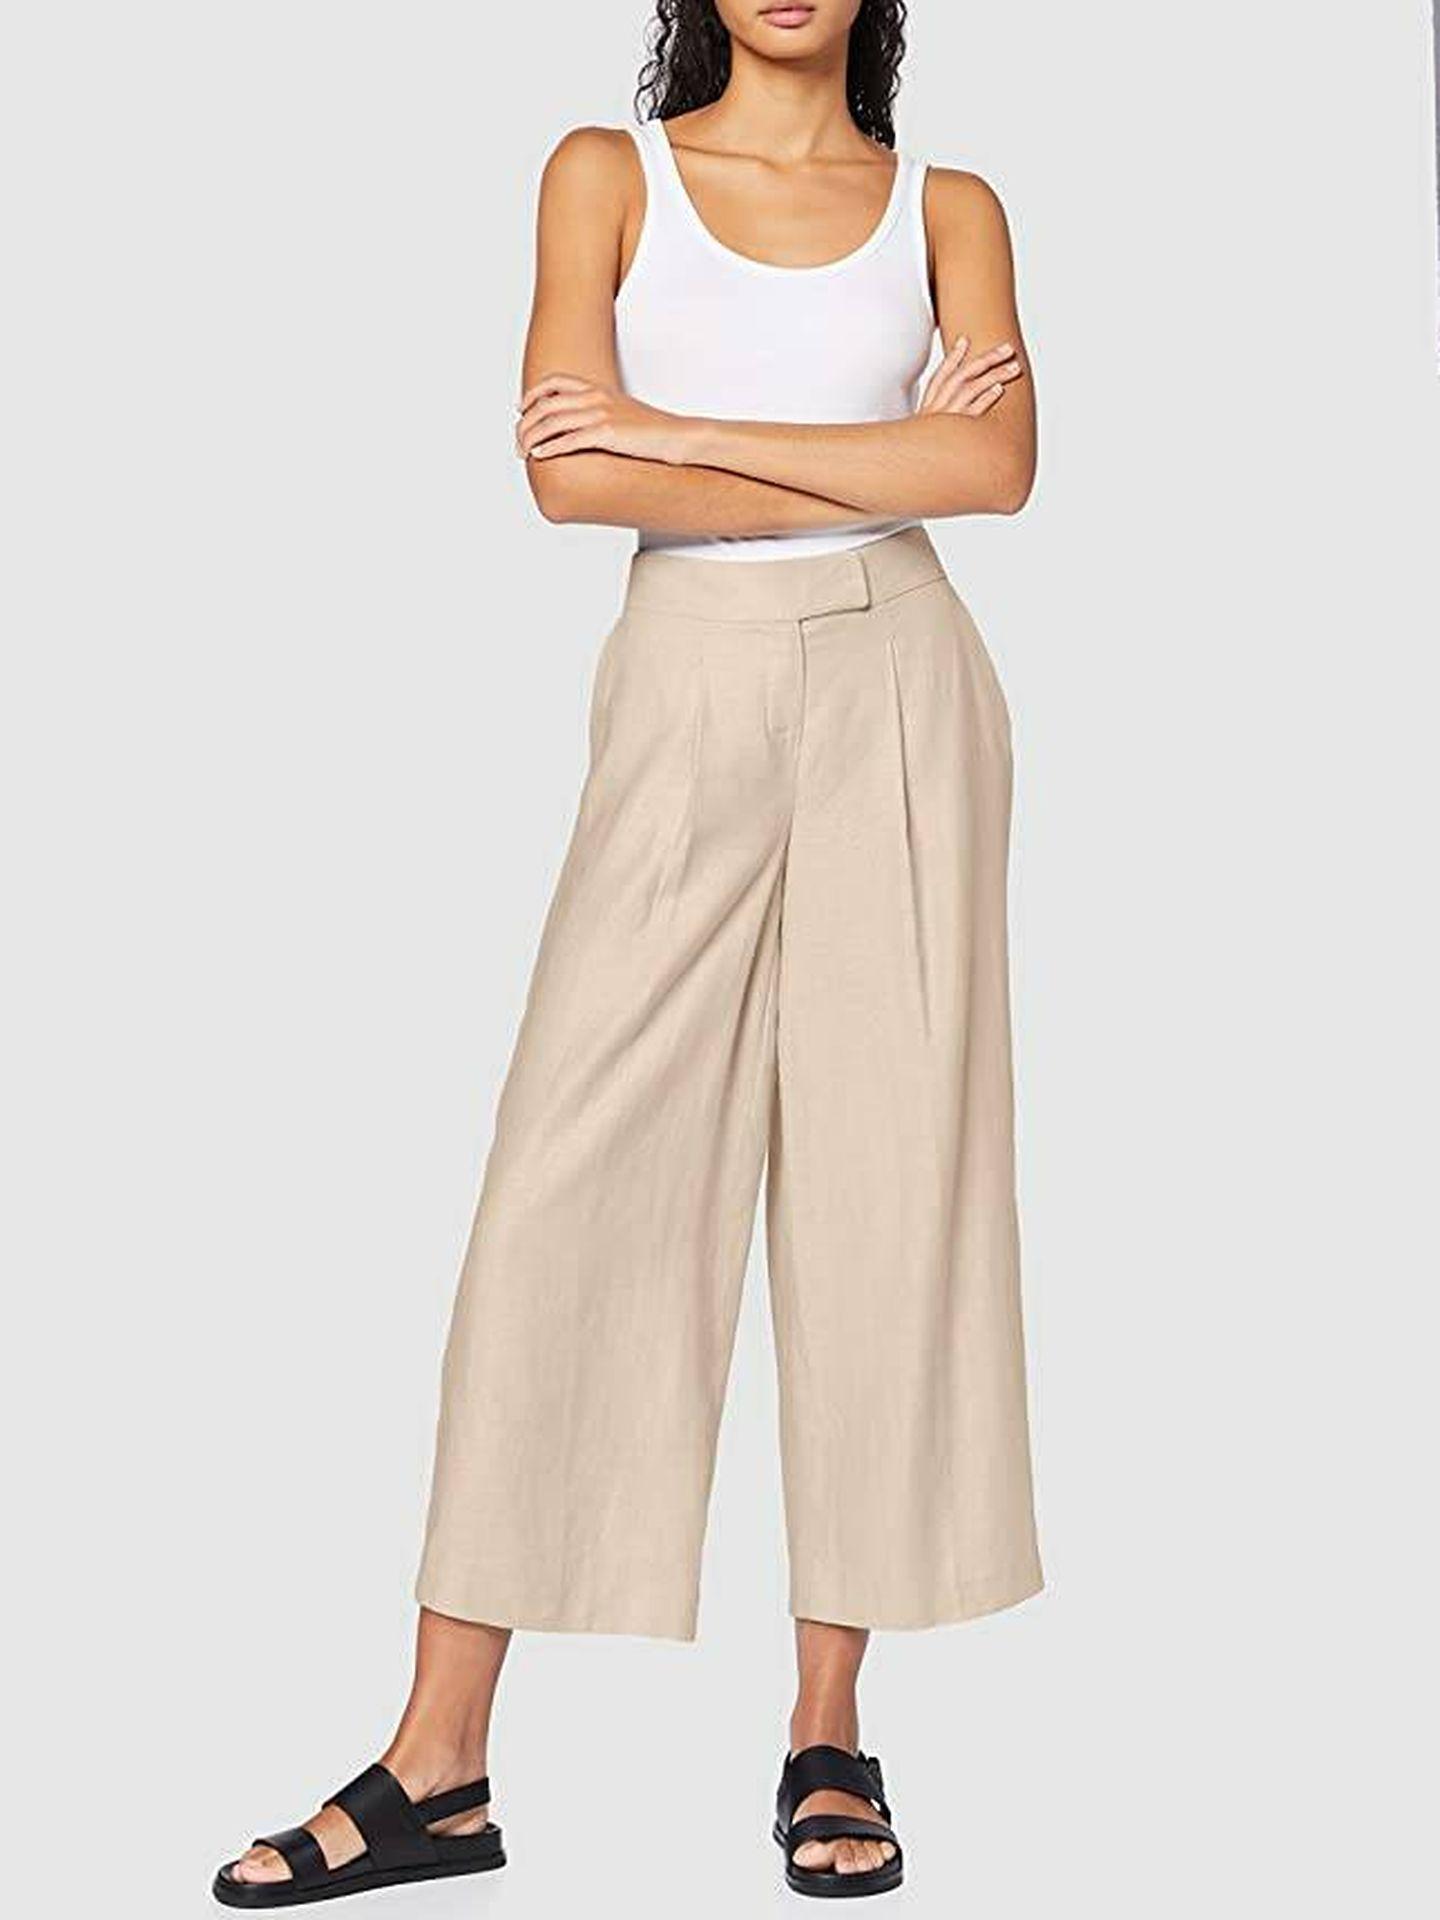 Pantalón culotte de Find. (Cortesía)